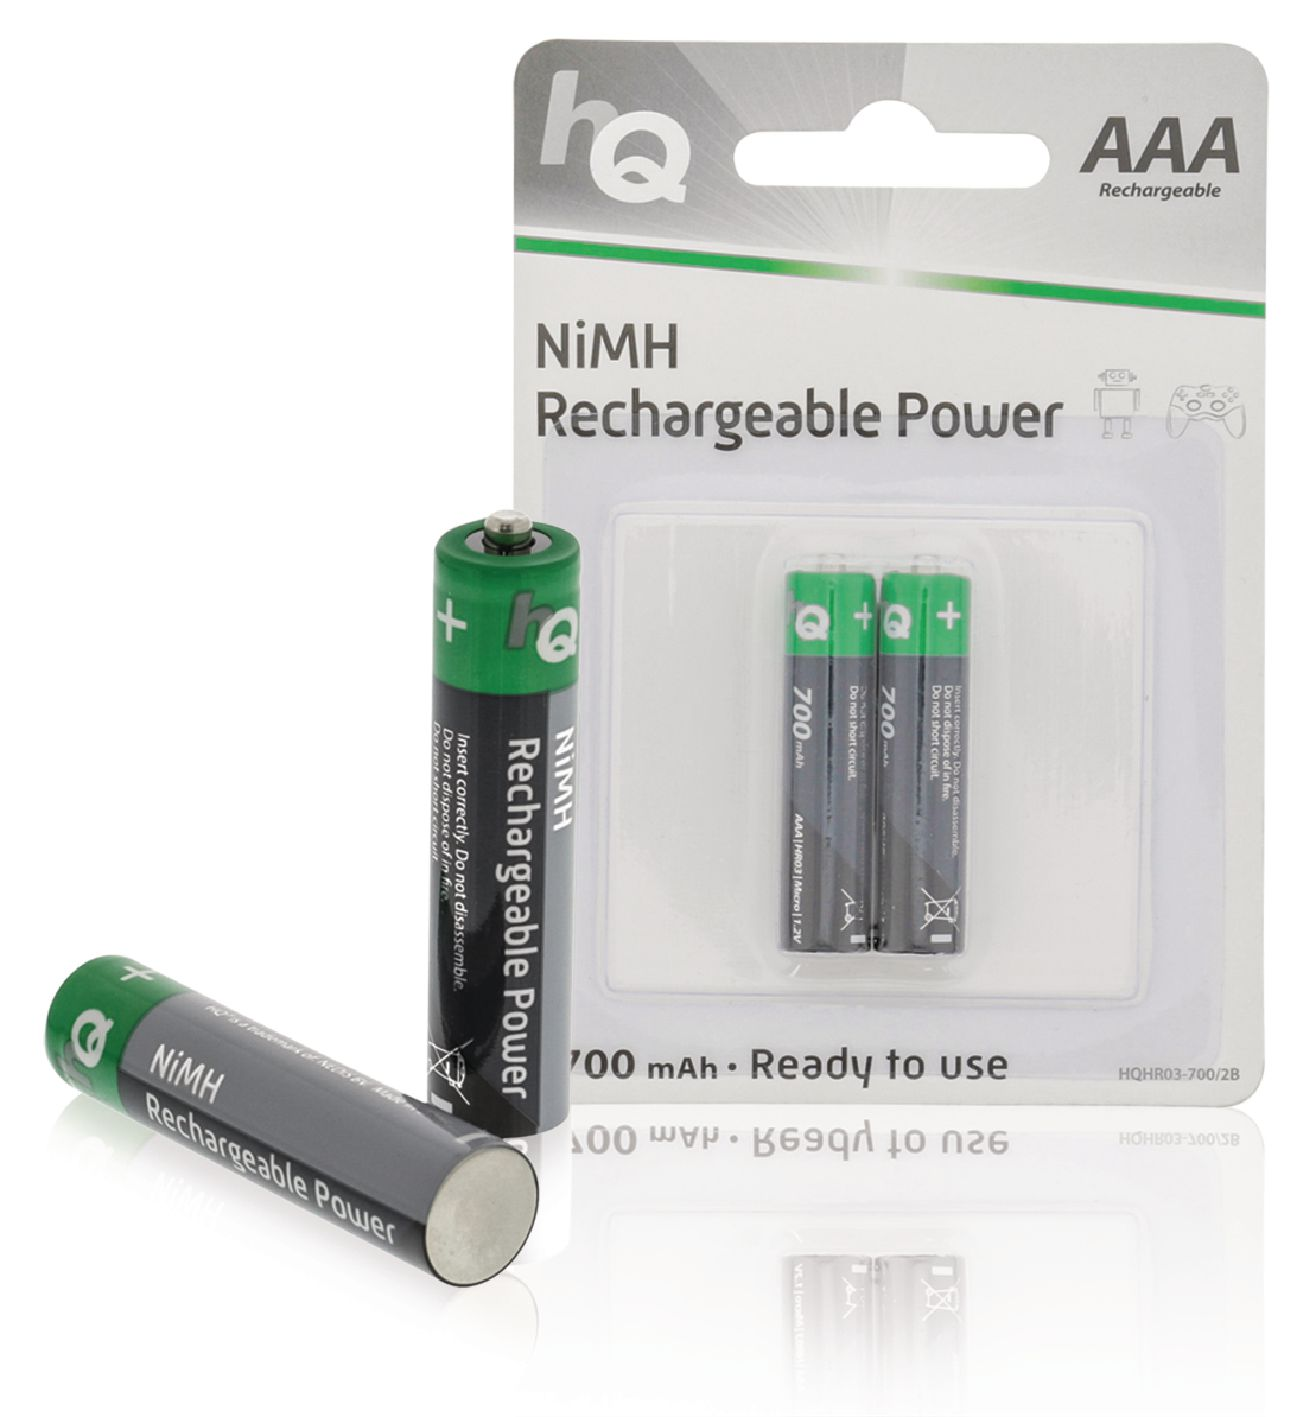 Nabíjecí baterie HQ NiMH AAA 1.2V 700mAh - 2ks, HQHR03-700/2B